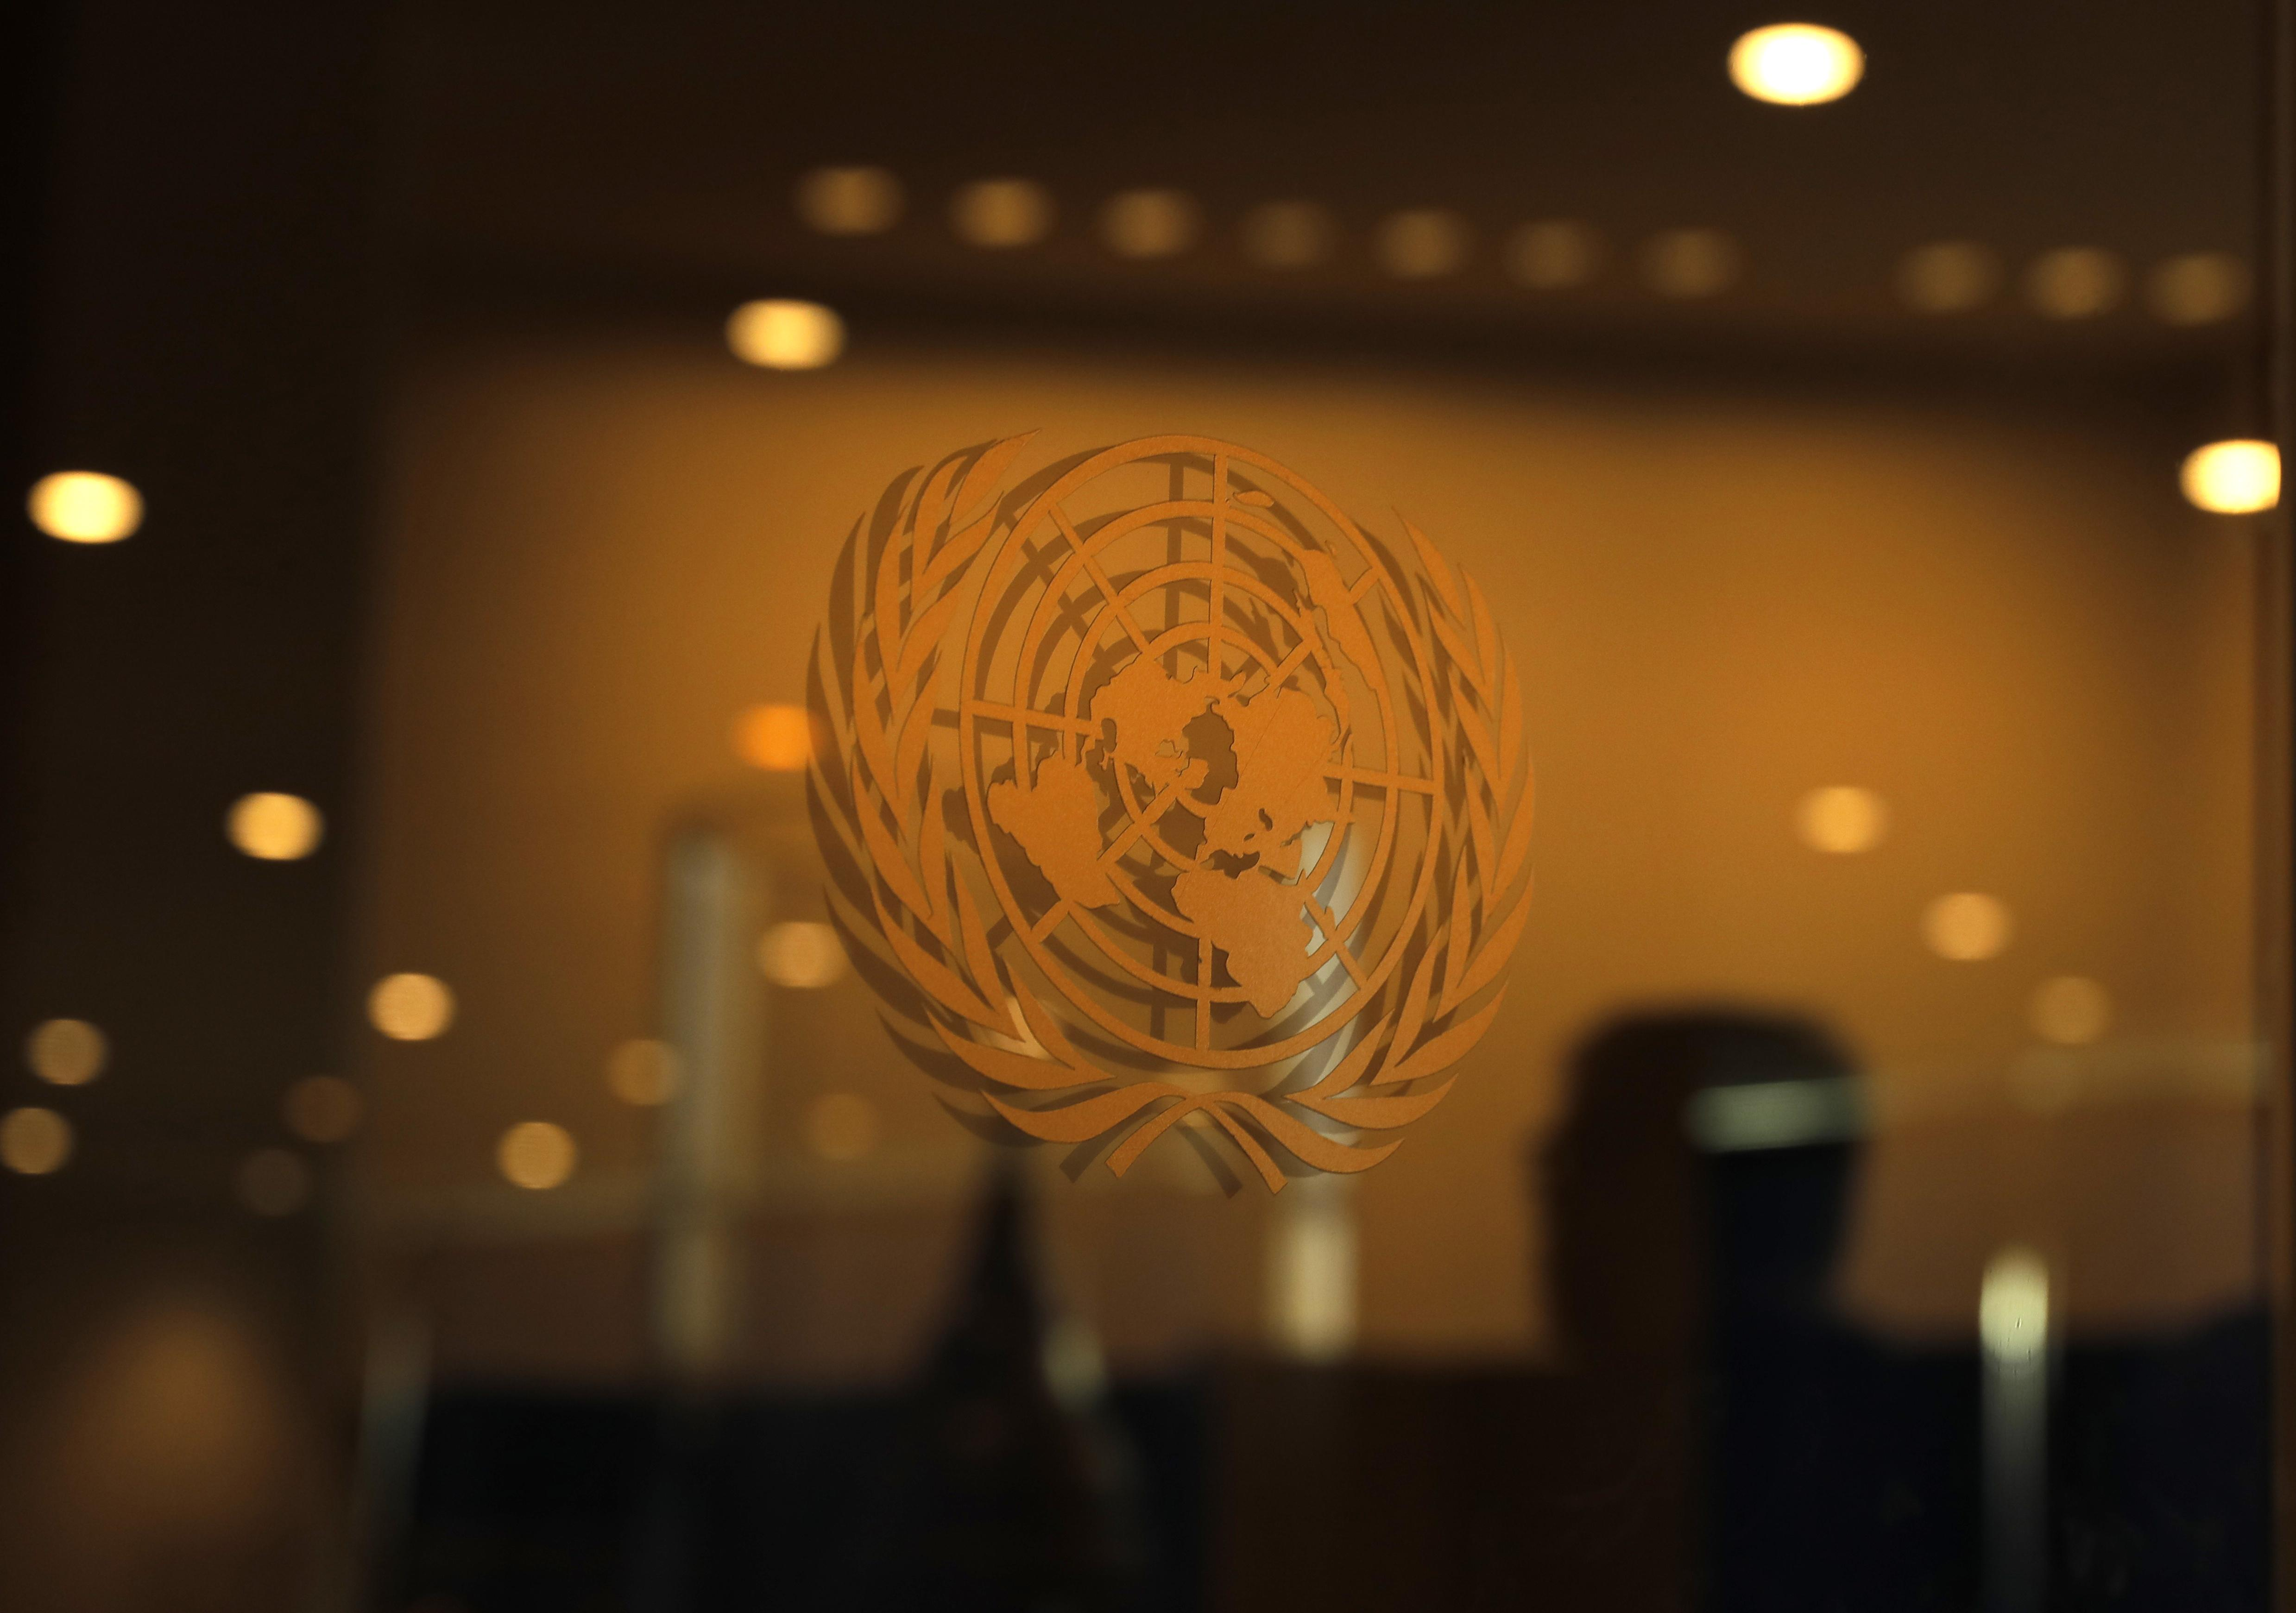 U.N. troubled by Trump pardons of officers accused of war crimes